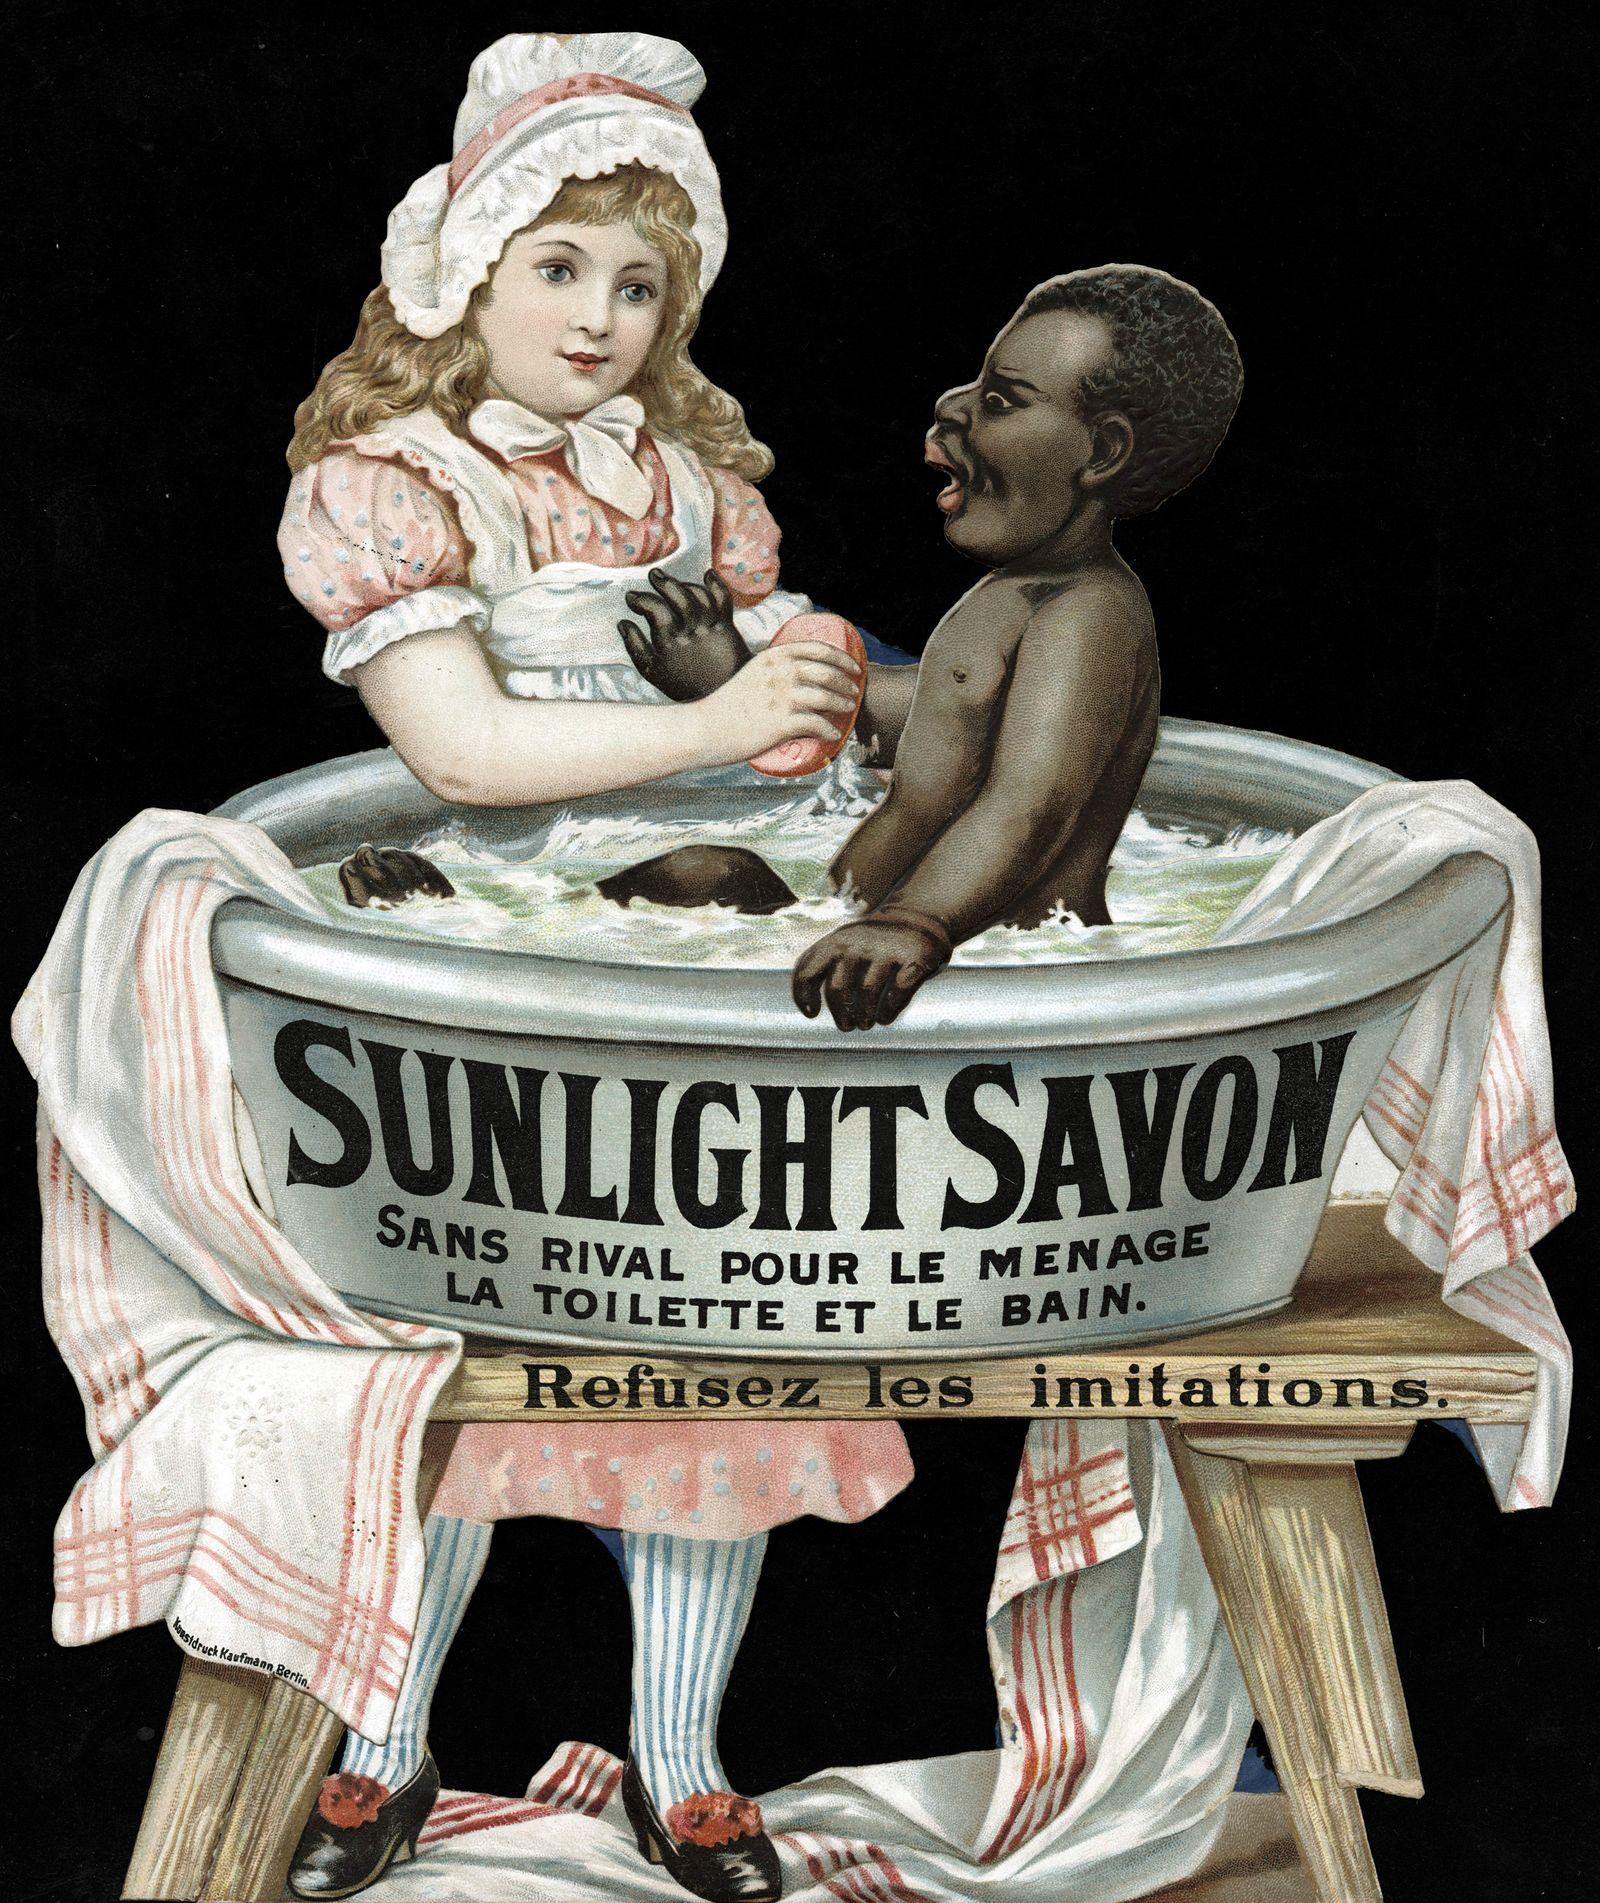 NEGRIPUB SAVON annees 1900 Sunlight savon, sans rival pour le menage, la toilette et le bain. Refusez les imitations . U